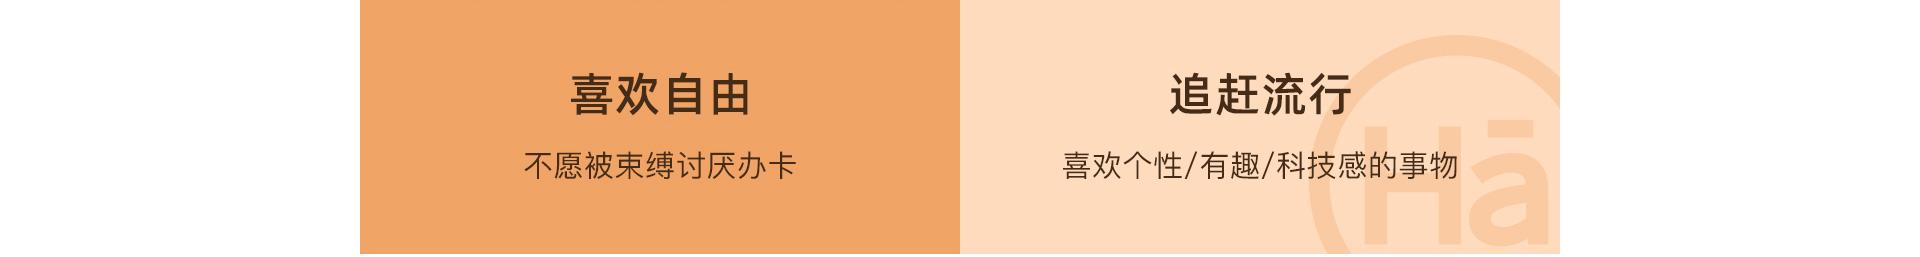 哈颜轻美详情_08